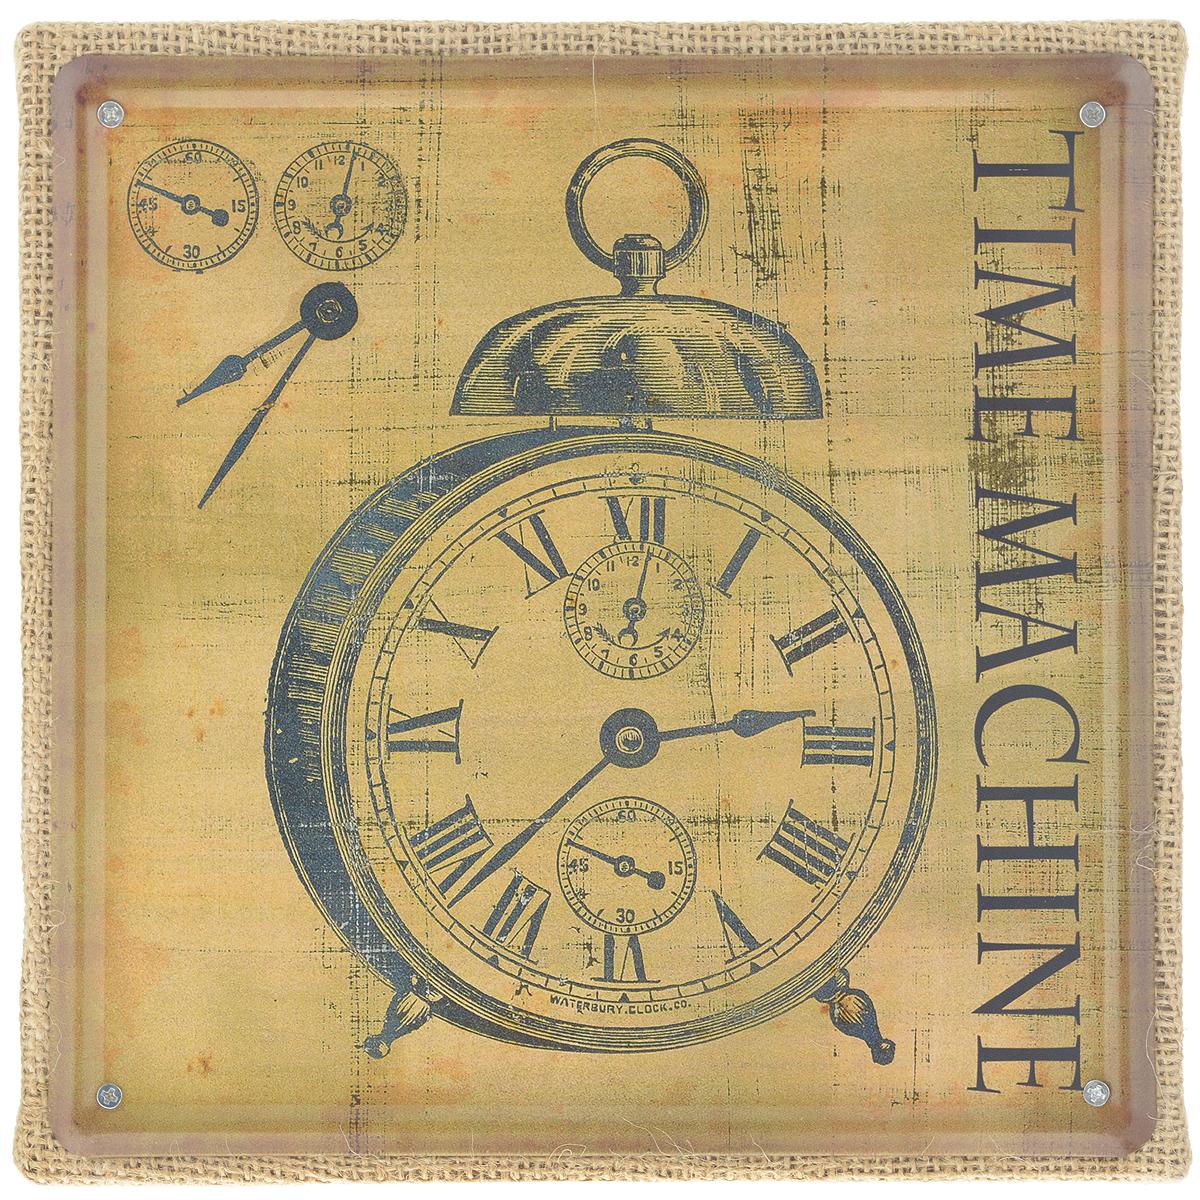 Постер в рамке Феникс-презент Часы, 20 см х 20 см12723Постер Феникс-презент Часы выполнен из черного металла в рамке из МДФ, которая обтянута натуральным льном. На постере изображены старинные часы и надпись Time machina. Постер в раме заинтересует всех любителей оригинальных вещиц и доставит массу положительных эмоций своему обладателю.Из мелочей складывается стиль интерьера. Постер в рамке Феникс-презент Часы одна из тех деталей, которые придают дому обжитой вид и создают ощущение уюта.Размер постера 20 см х 20 см. Размер с рамки: 21 см х 21 см х 2 см.